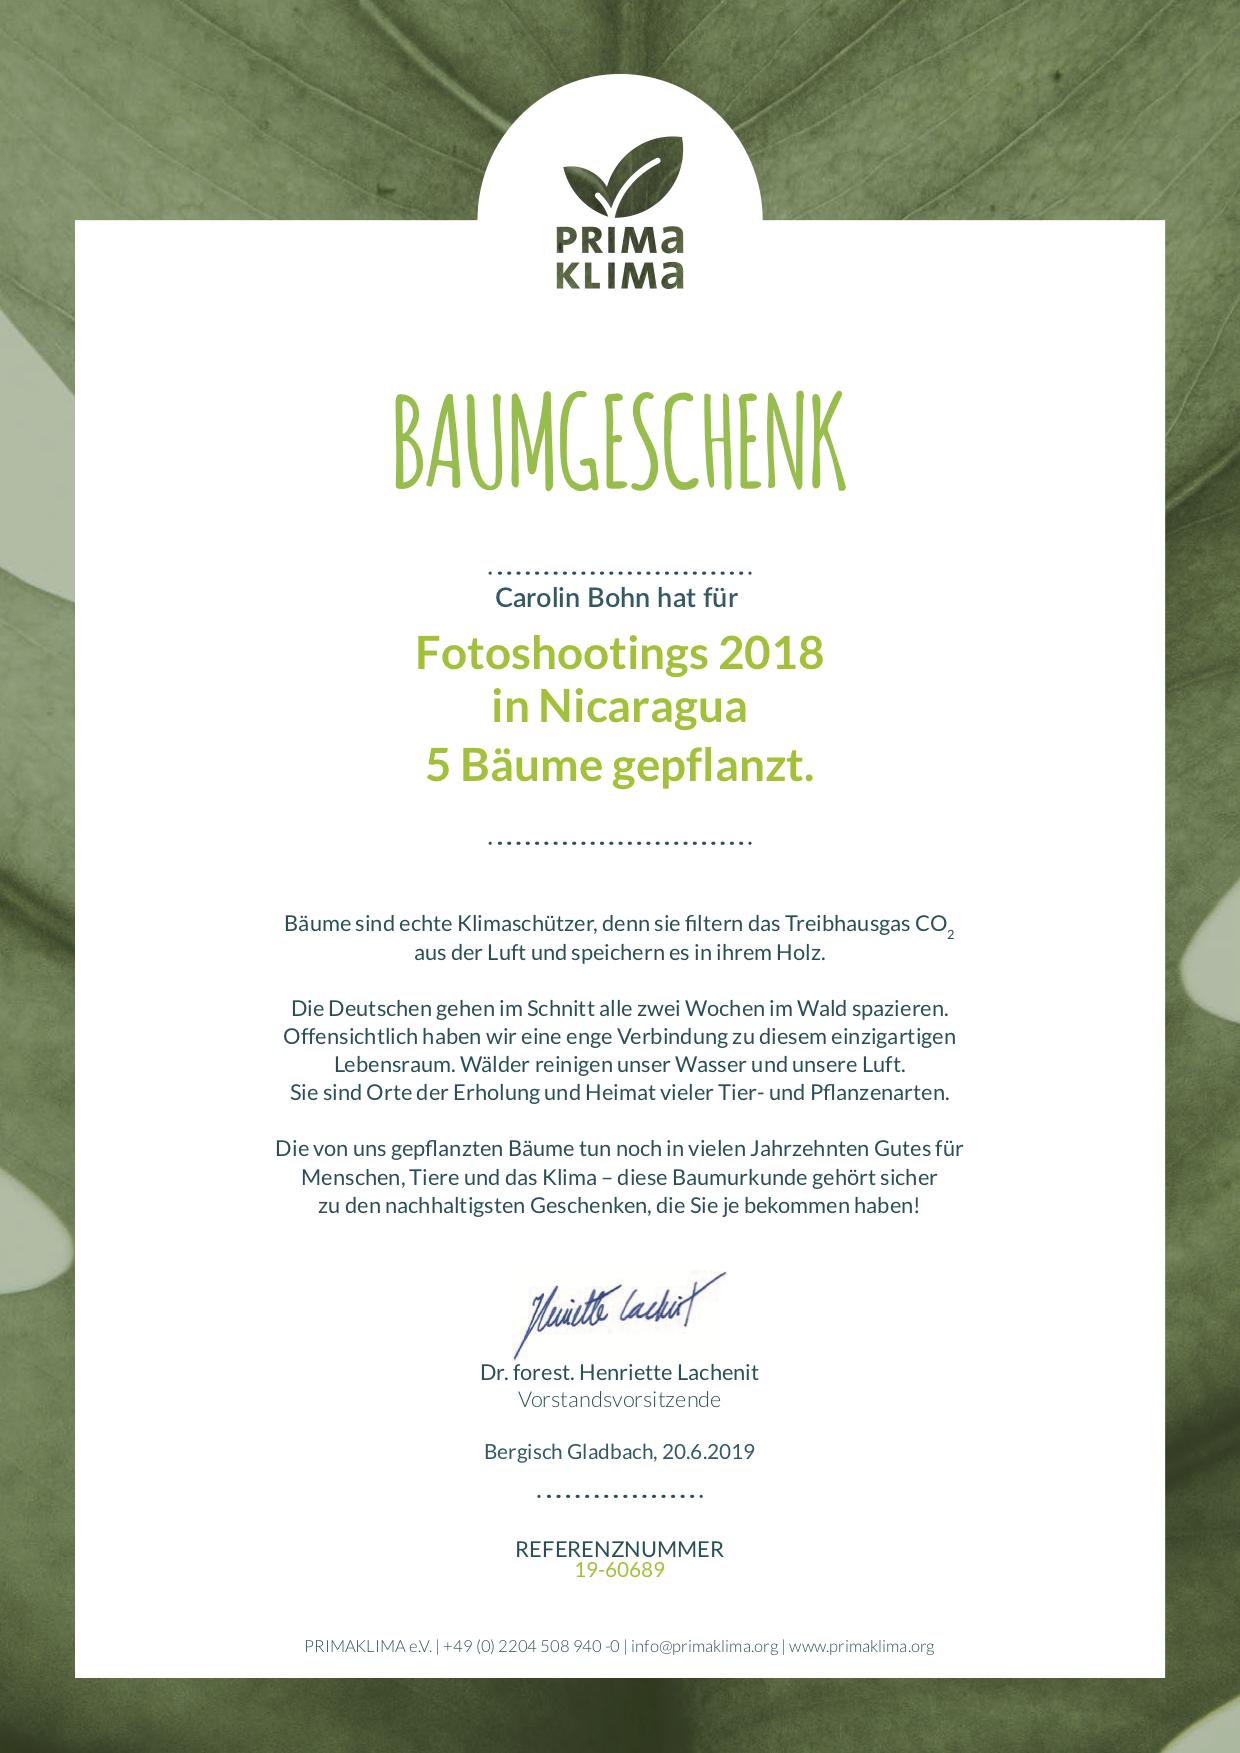 Urkunde Spende 2018 an PRIMAKLIMA e.V.